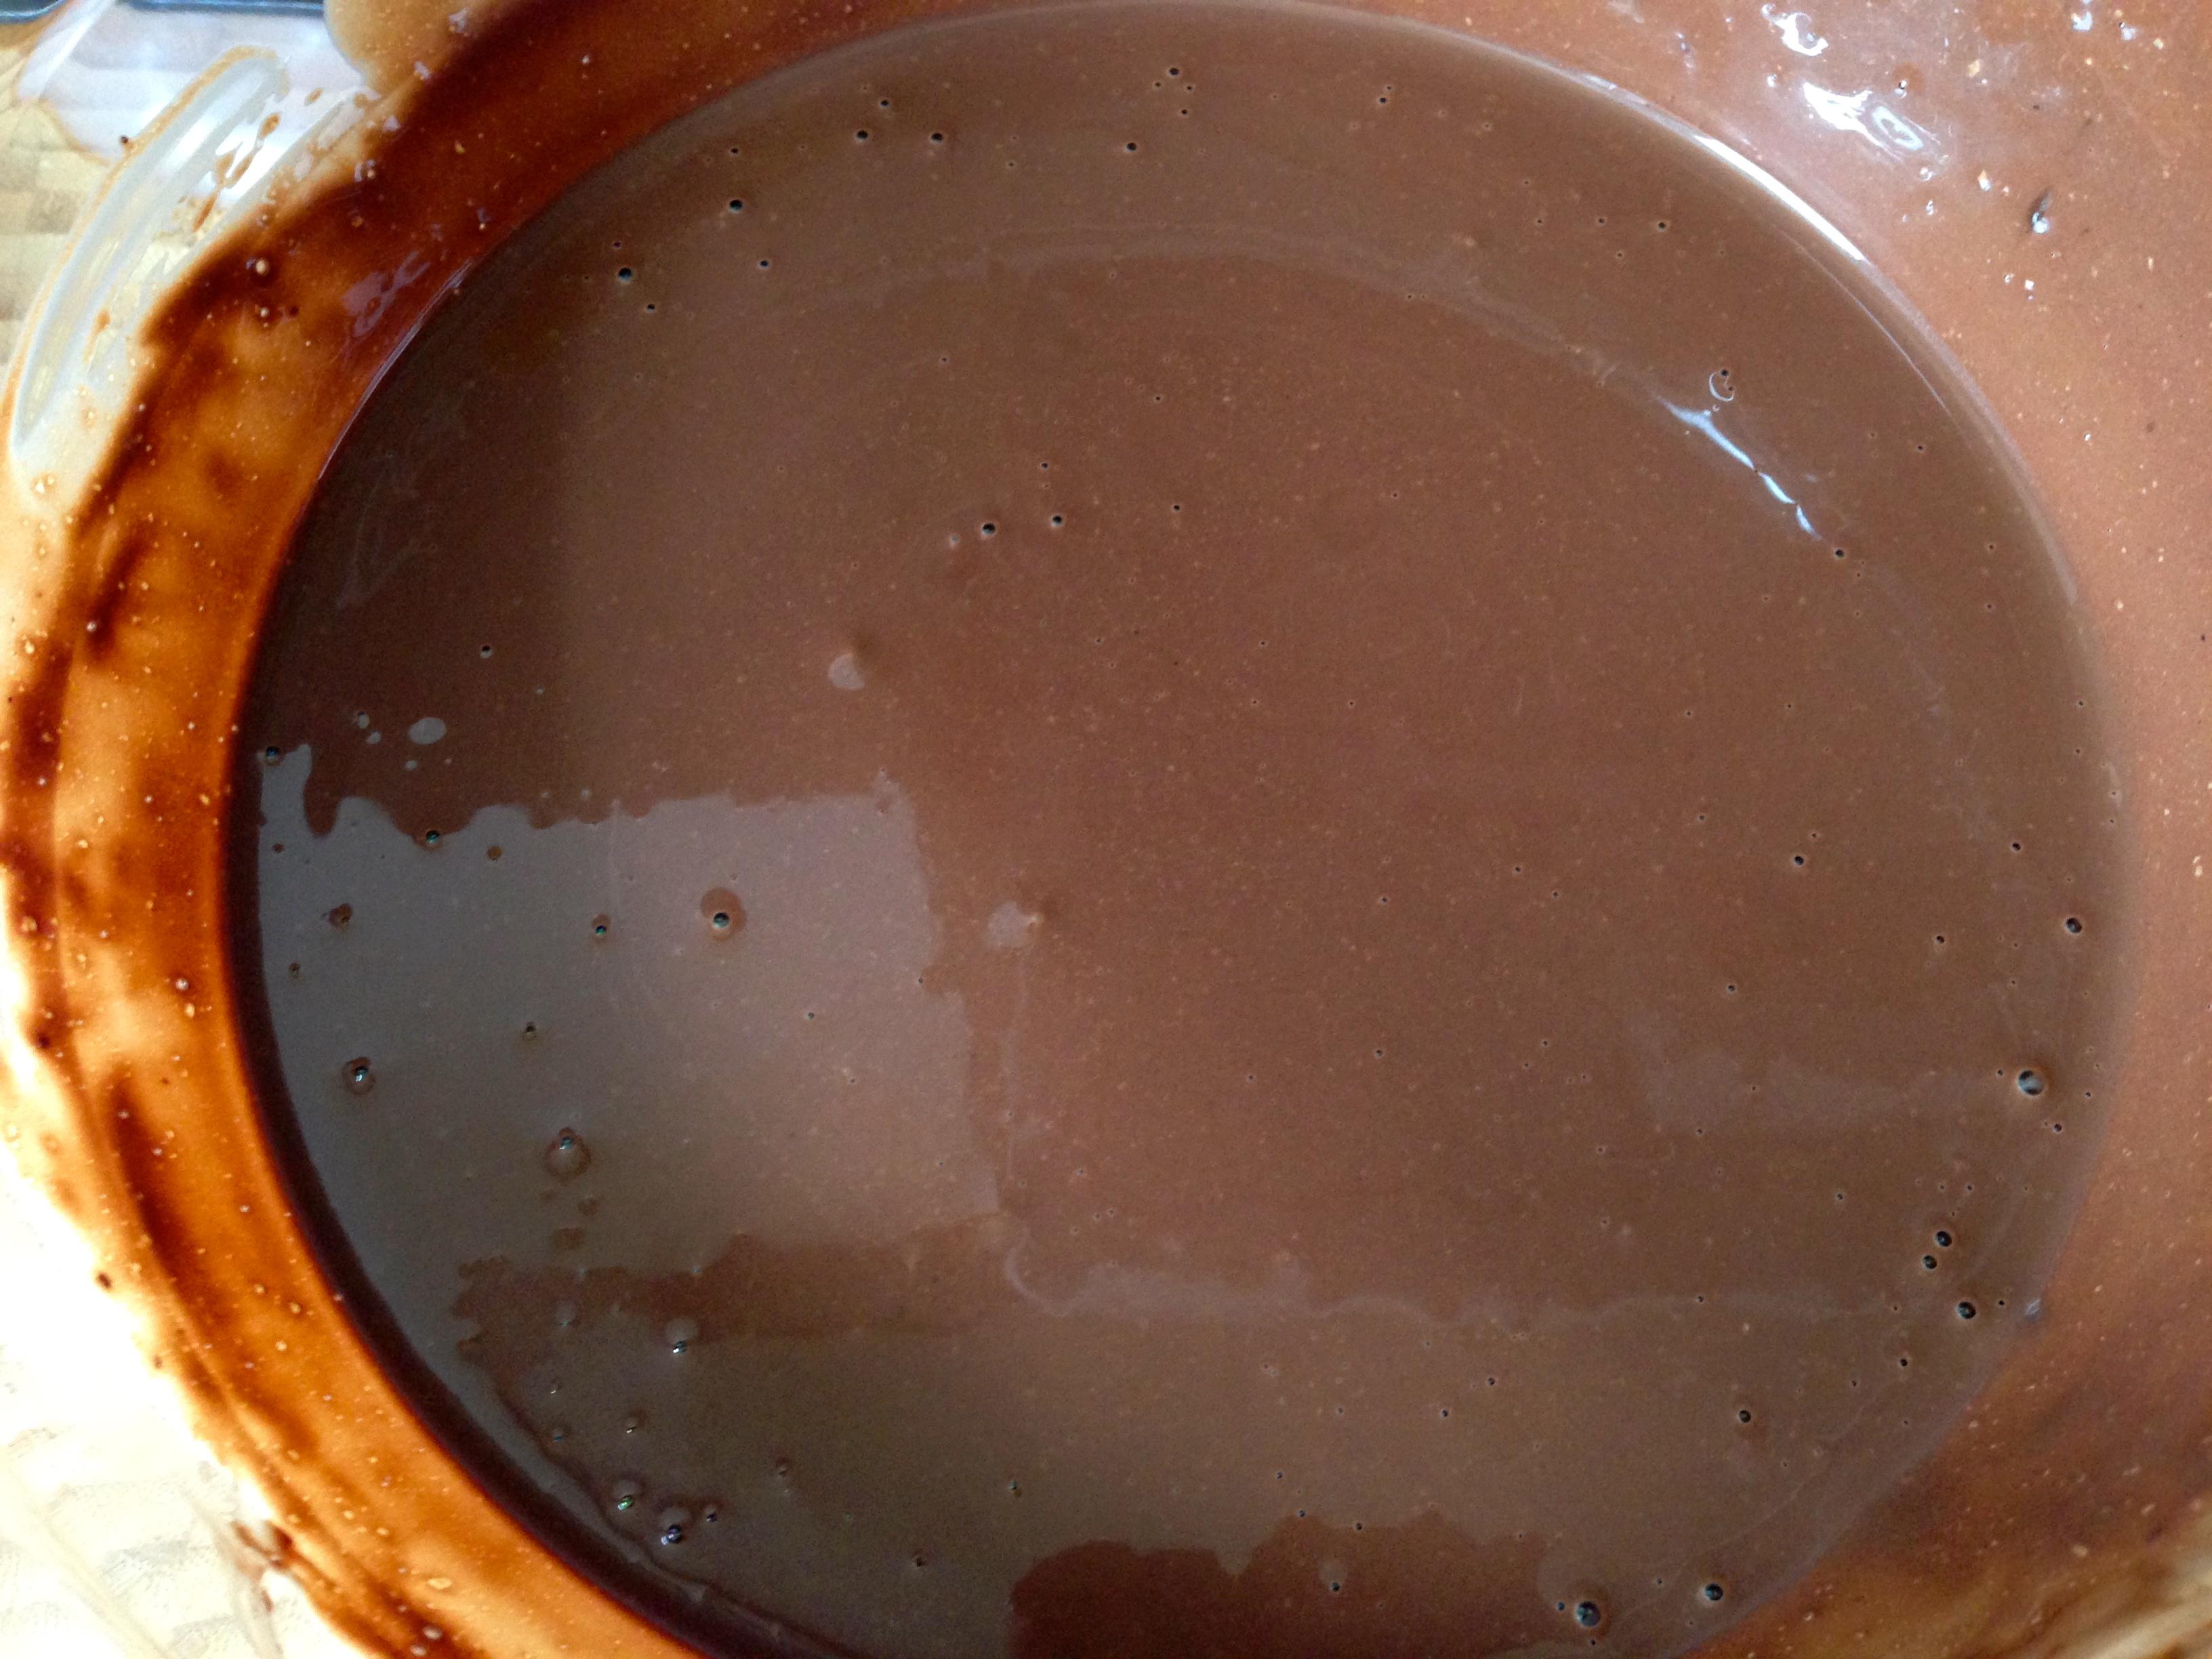 Glace au chocolat ohlala my cooking instinct - Les saints de glace c est quand ...